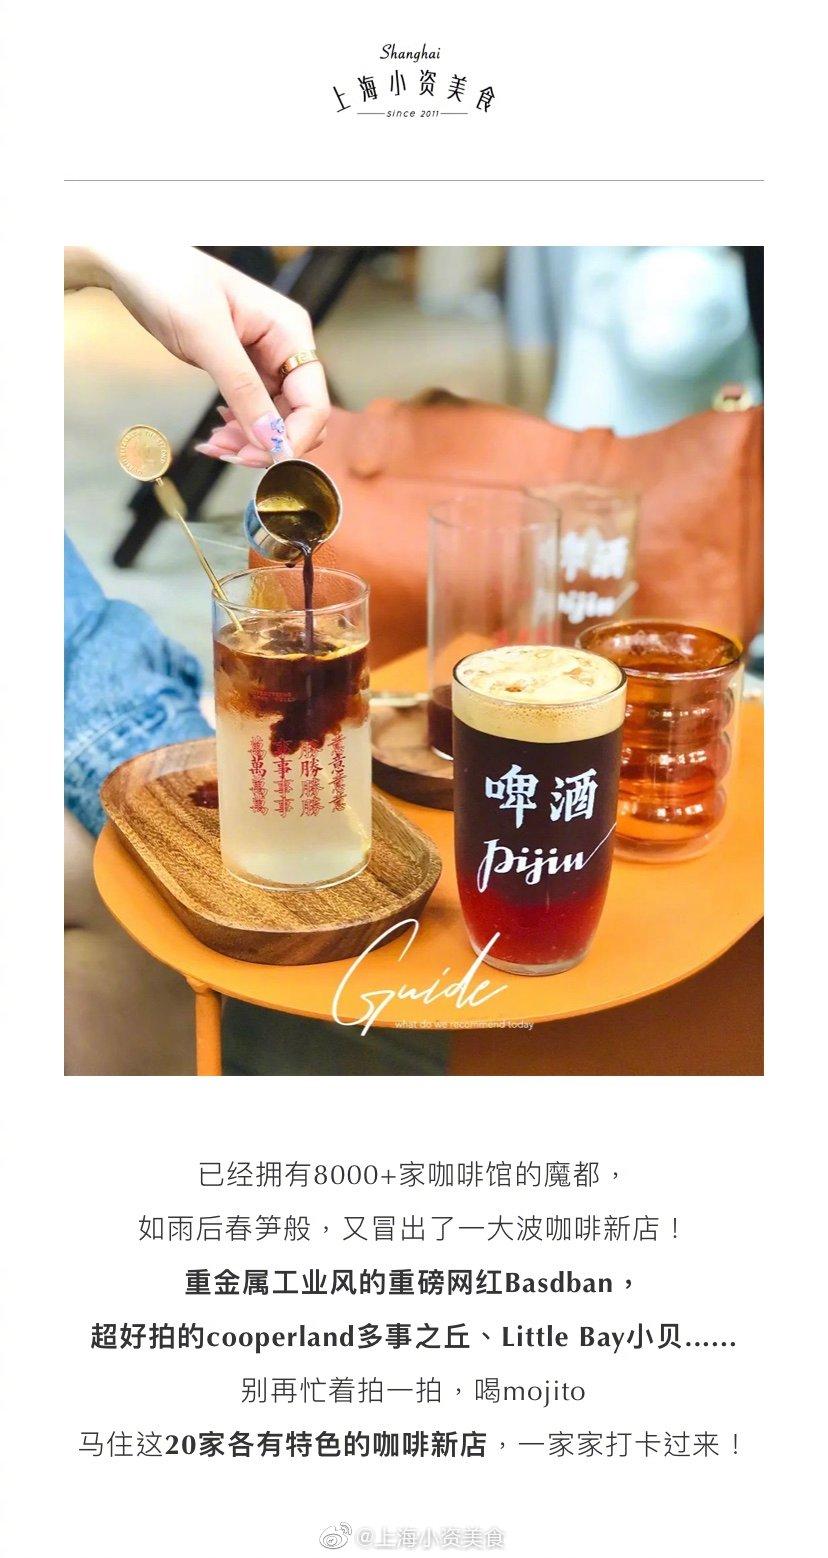 魔都20家新晋网红咖啡店合集